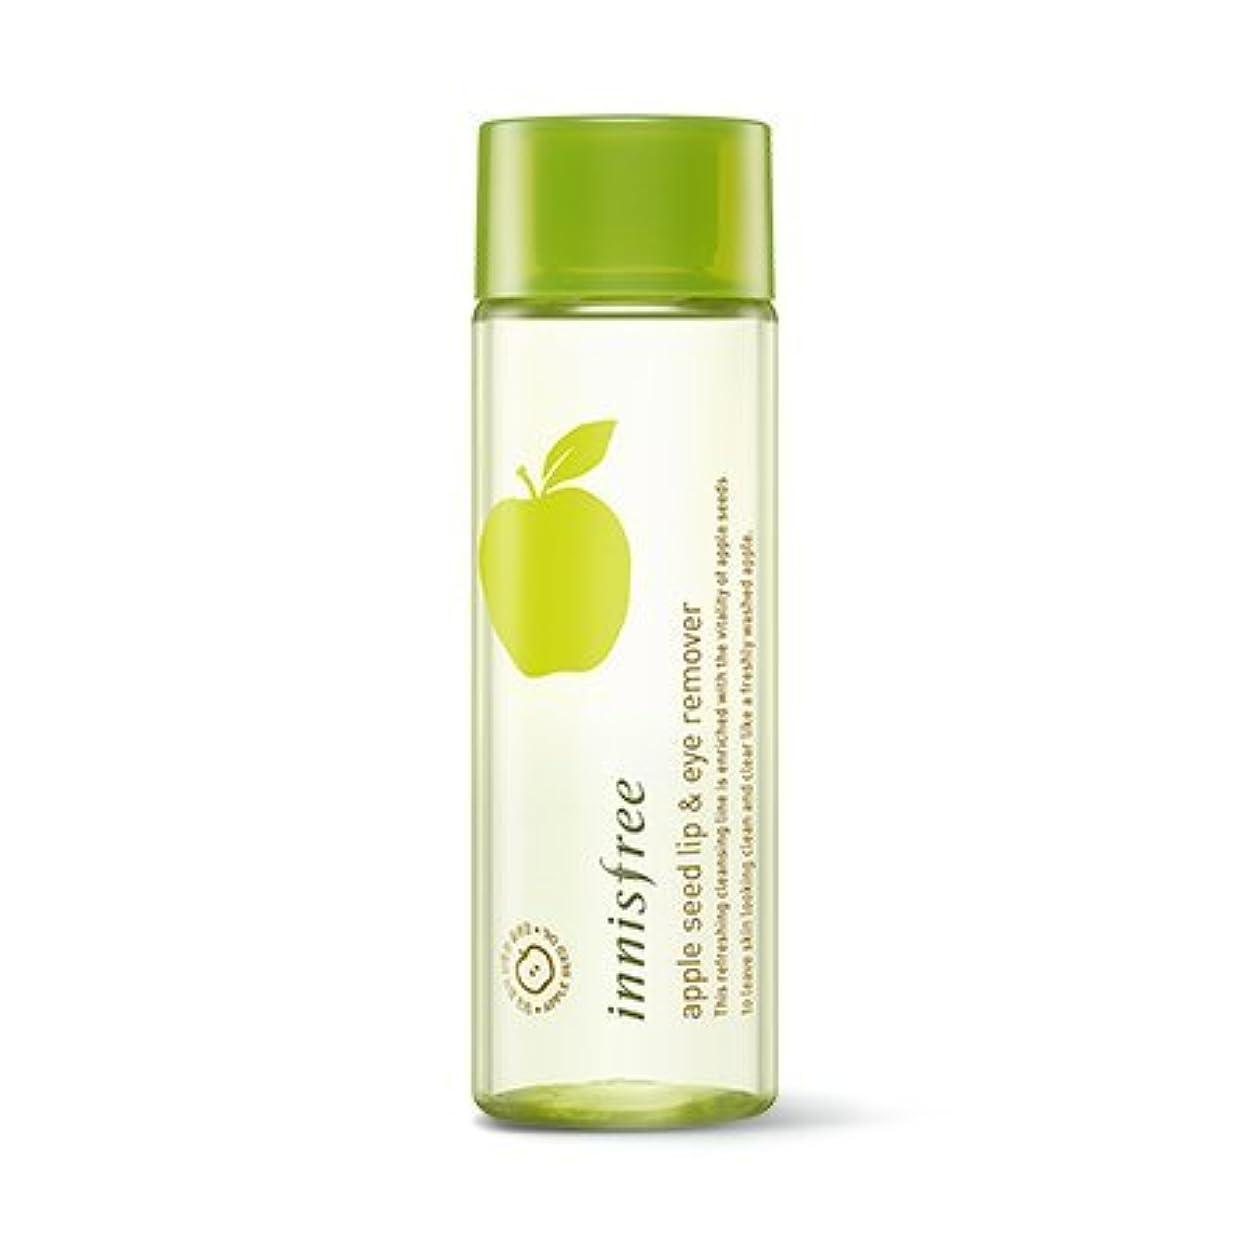 体系的に逮捕縫い目[New] innisfree Apple Seed Lip & Eye Remover 100ml/イニスフリー アップル シード リップ&アイ リムーバー 100ml